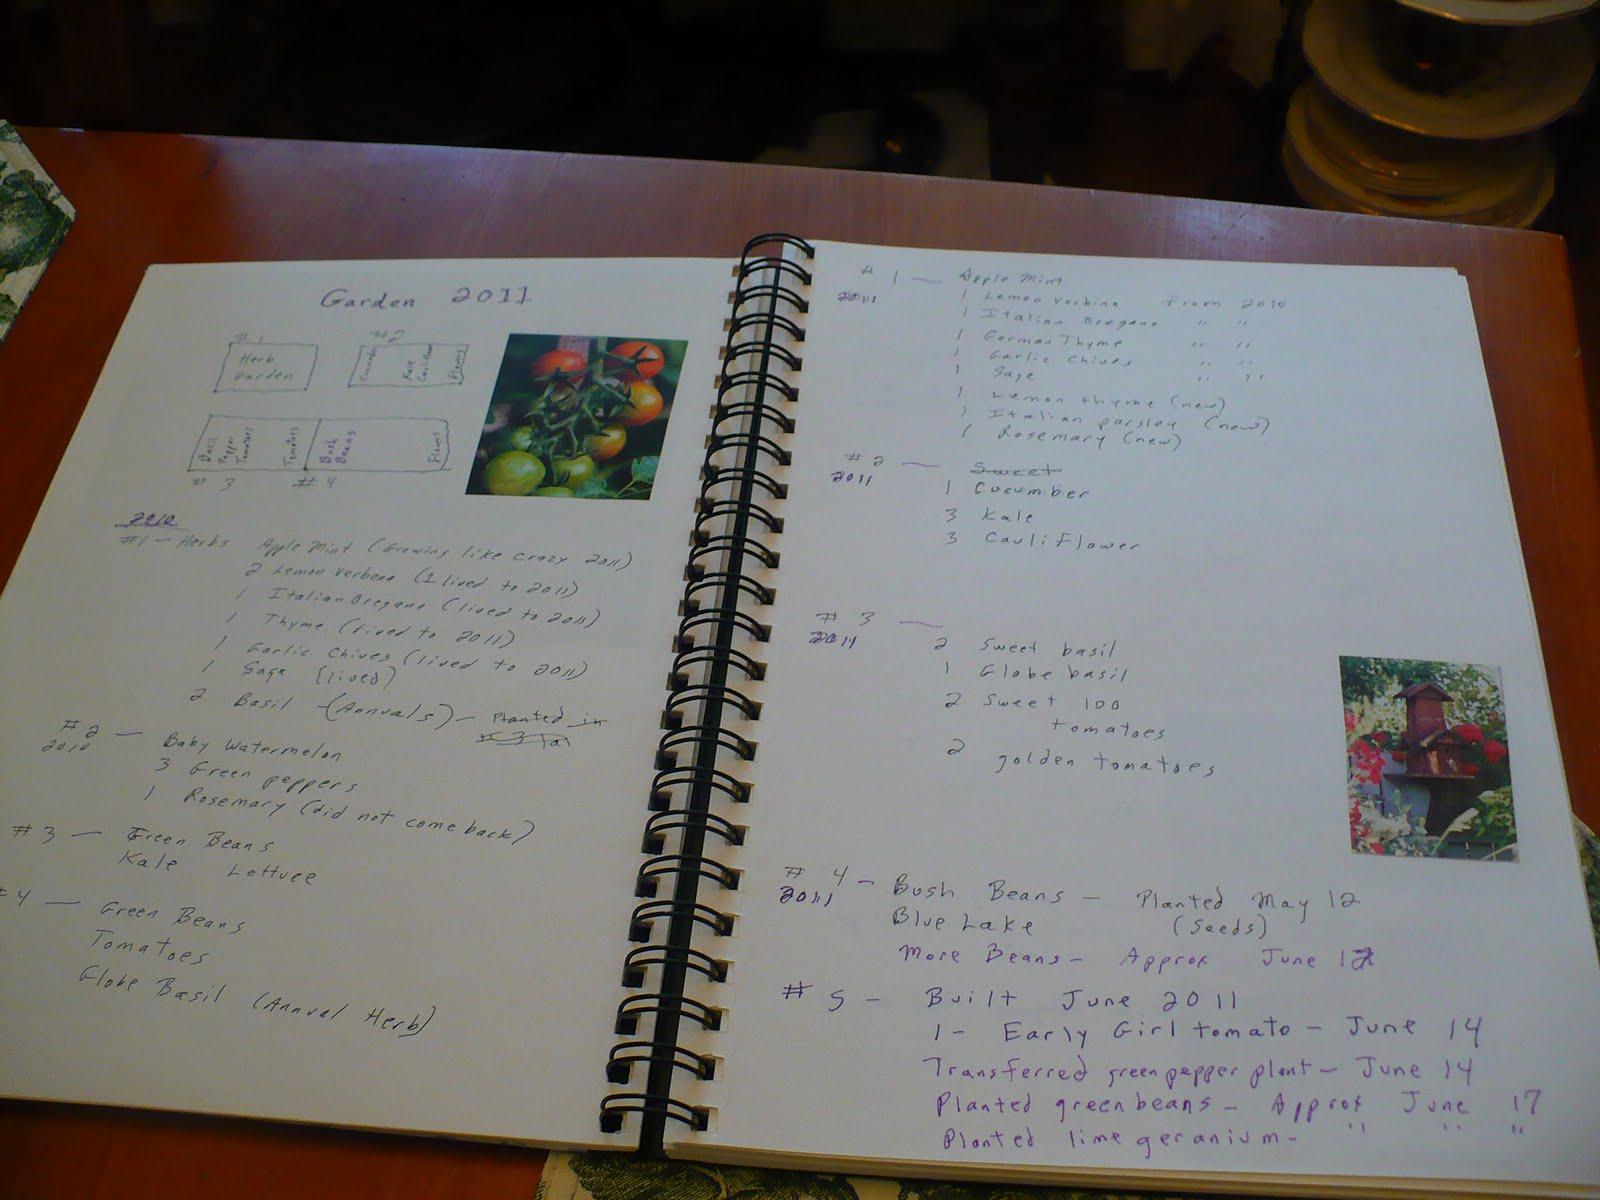 How to scrapbook journal - The Garden Meets The Scrapbook Journal